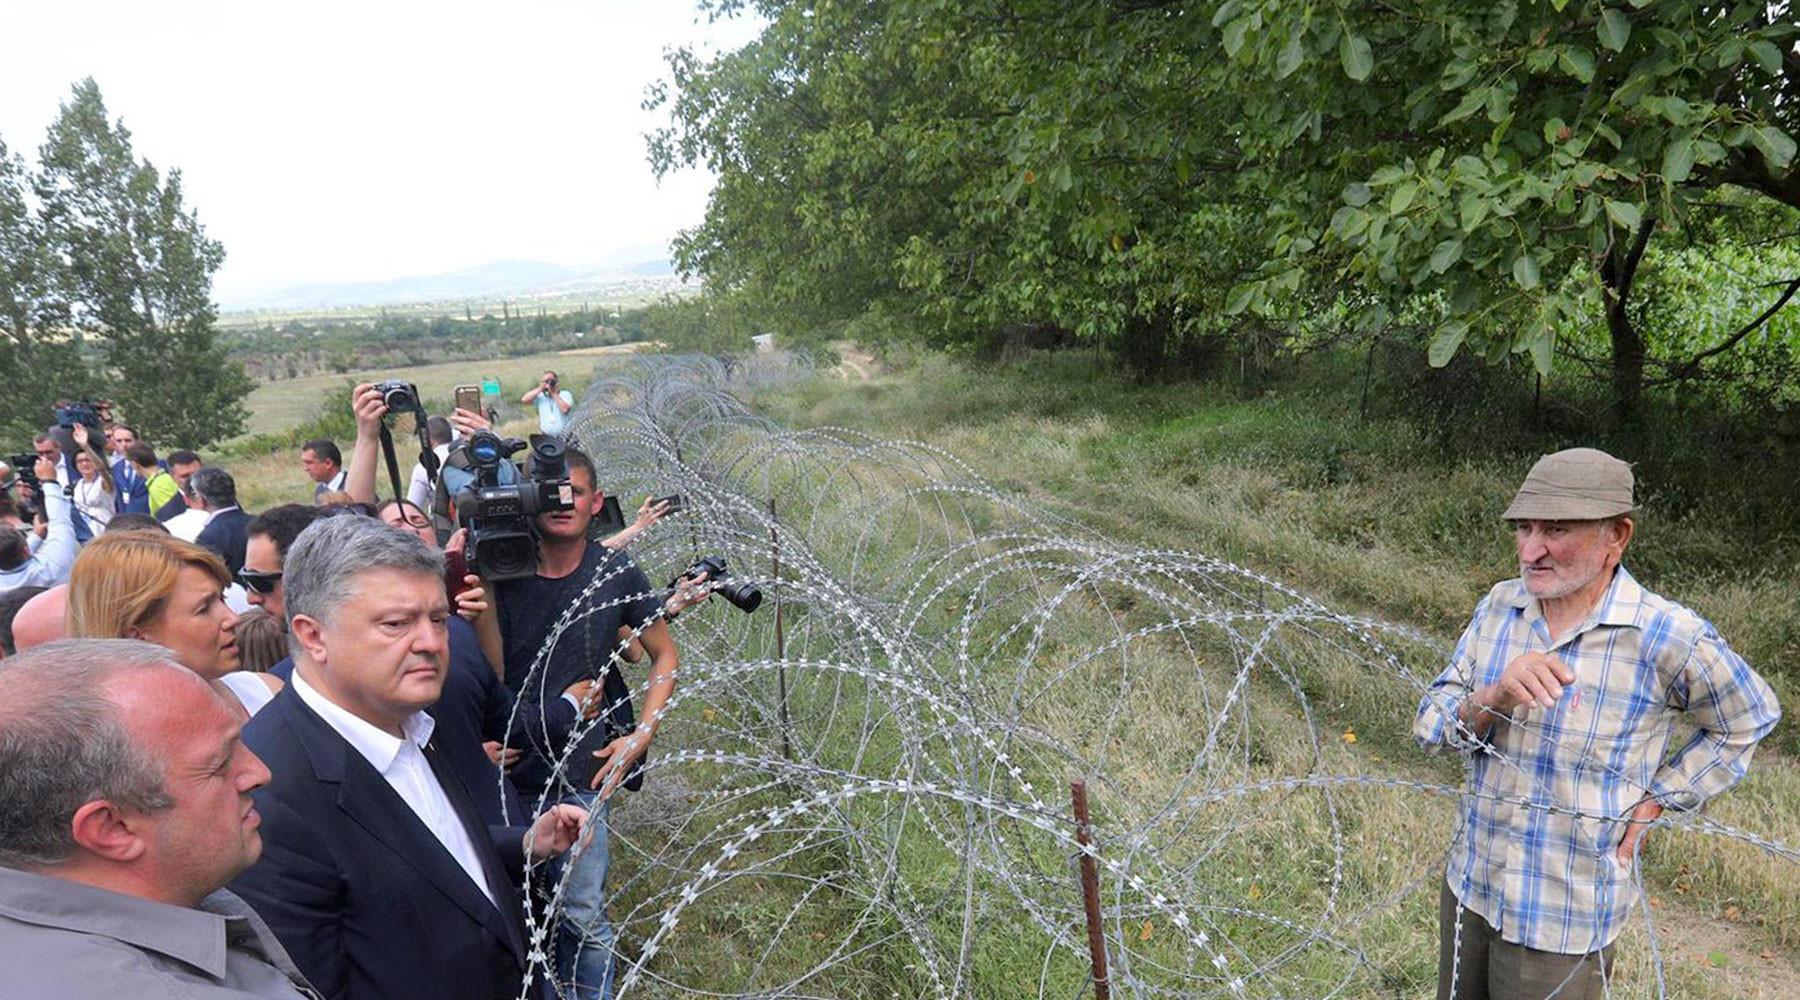 """Далеки поглед: Порошенко посетио границу са Јужном Осетијом и видео """"руску базу ФСБ-а"""""""